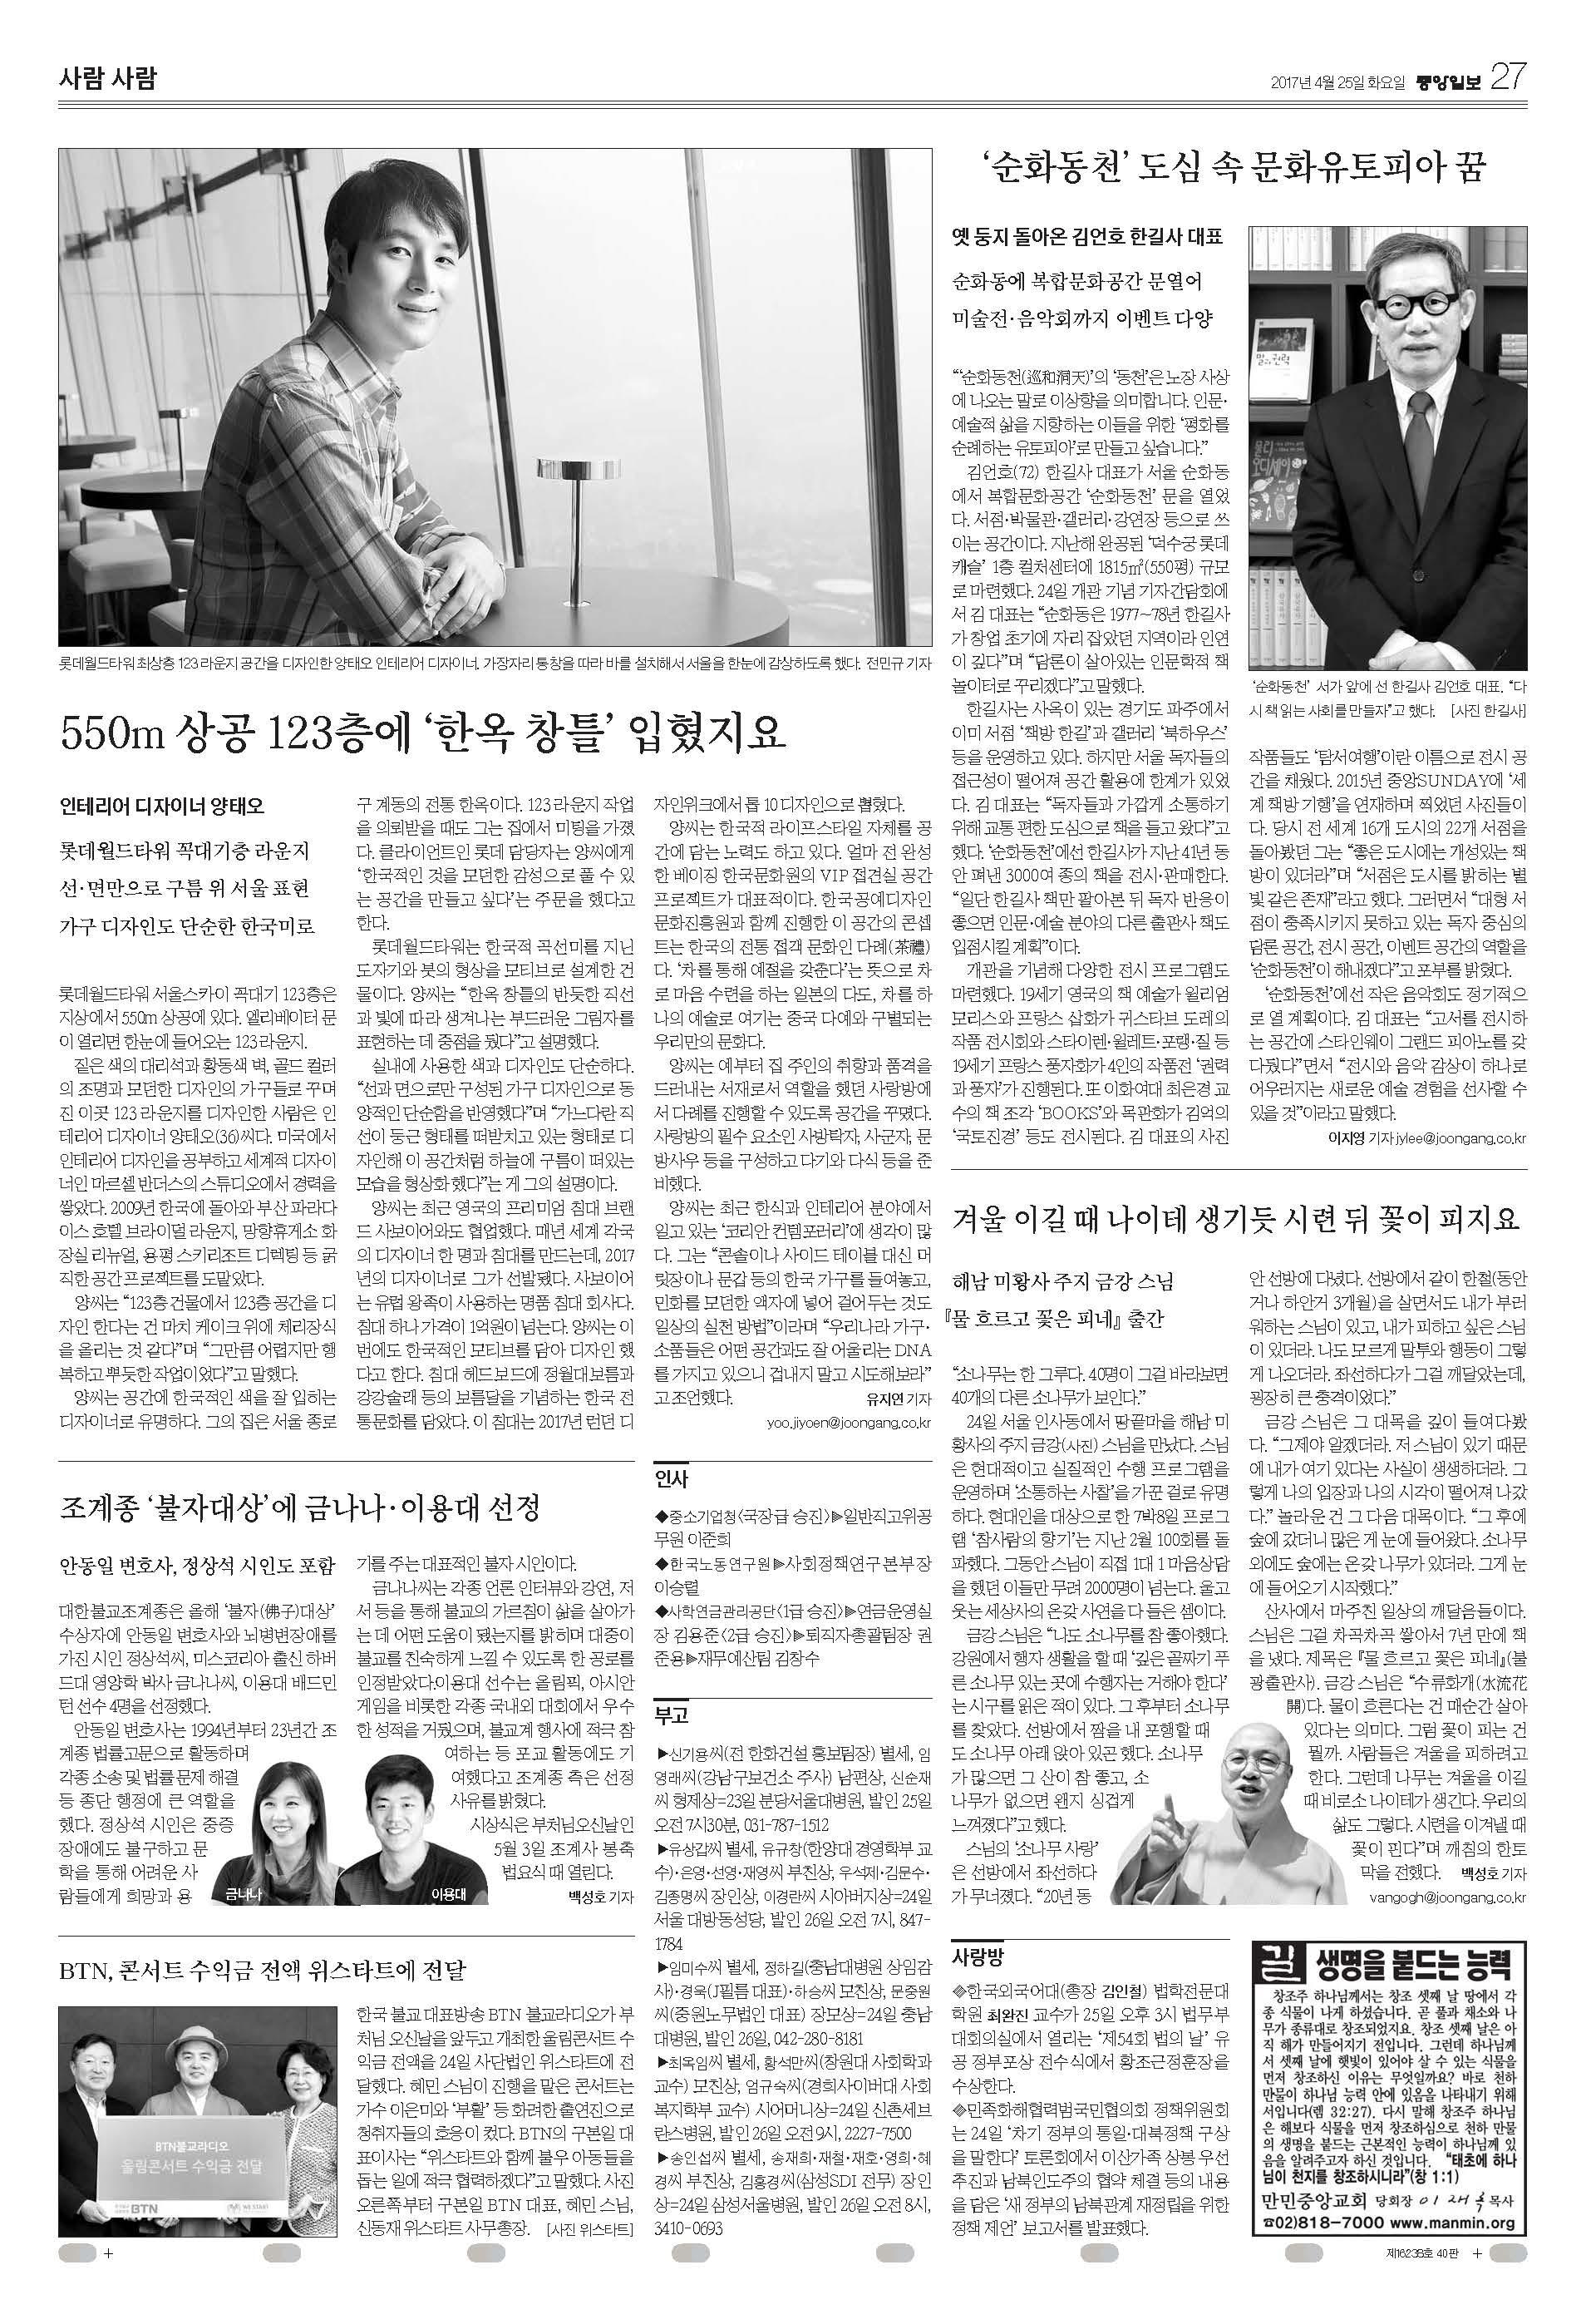 (중앙일보) 롯데 월드 타워 123층 기사.jpg